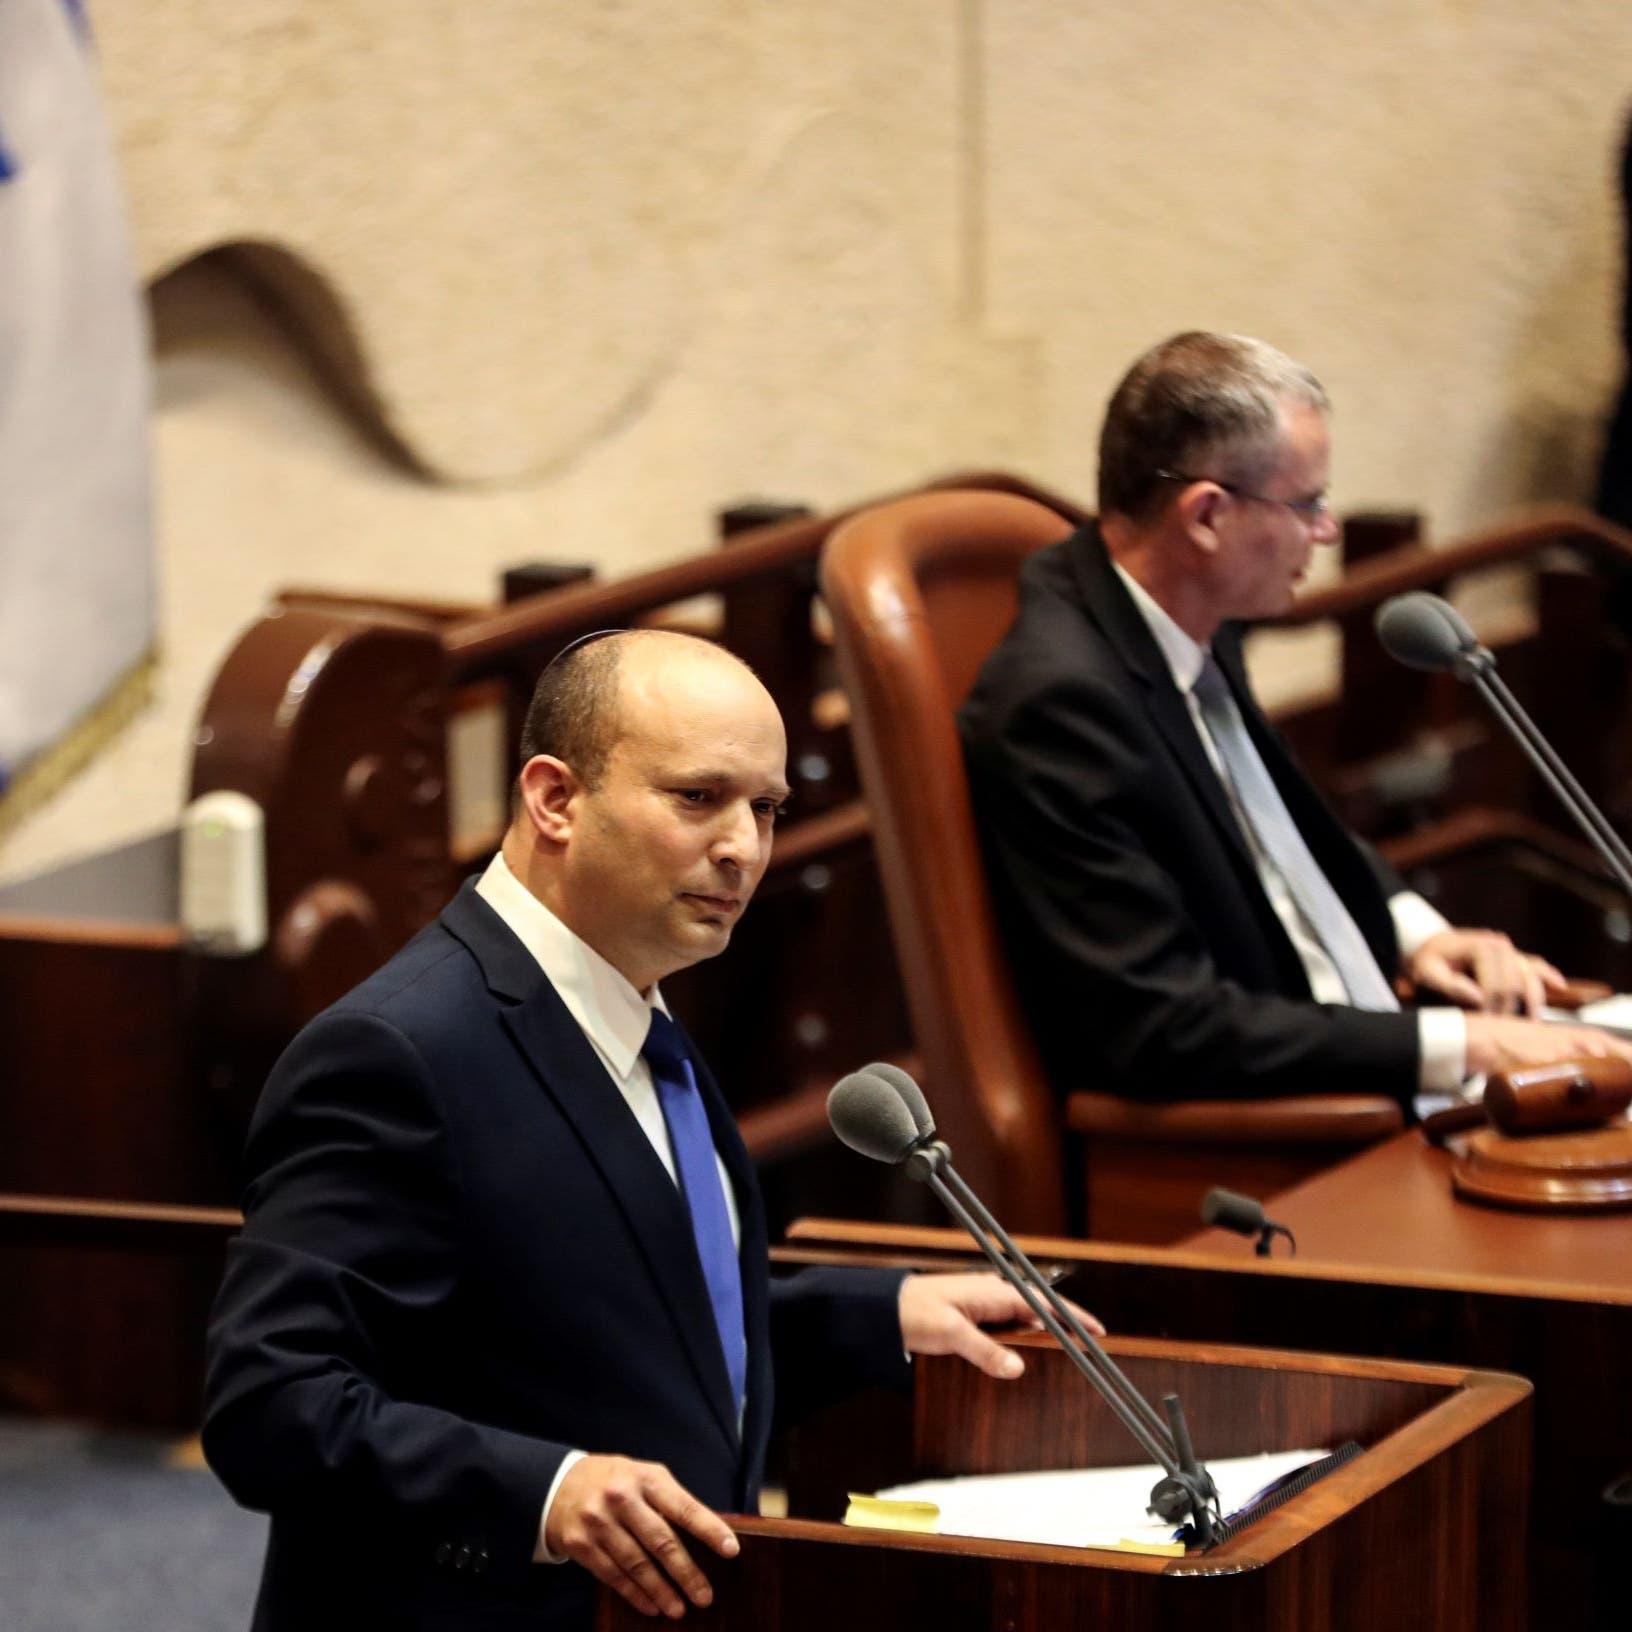 نفتالي بينيت: إسرائيل لن تسمح لإيران بامتلاك سلاح نووي